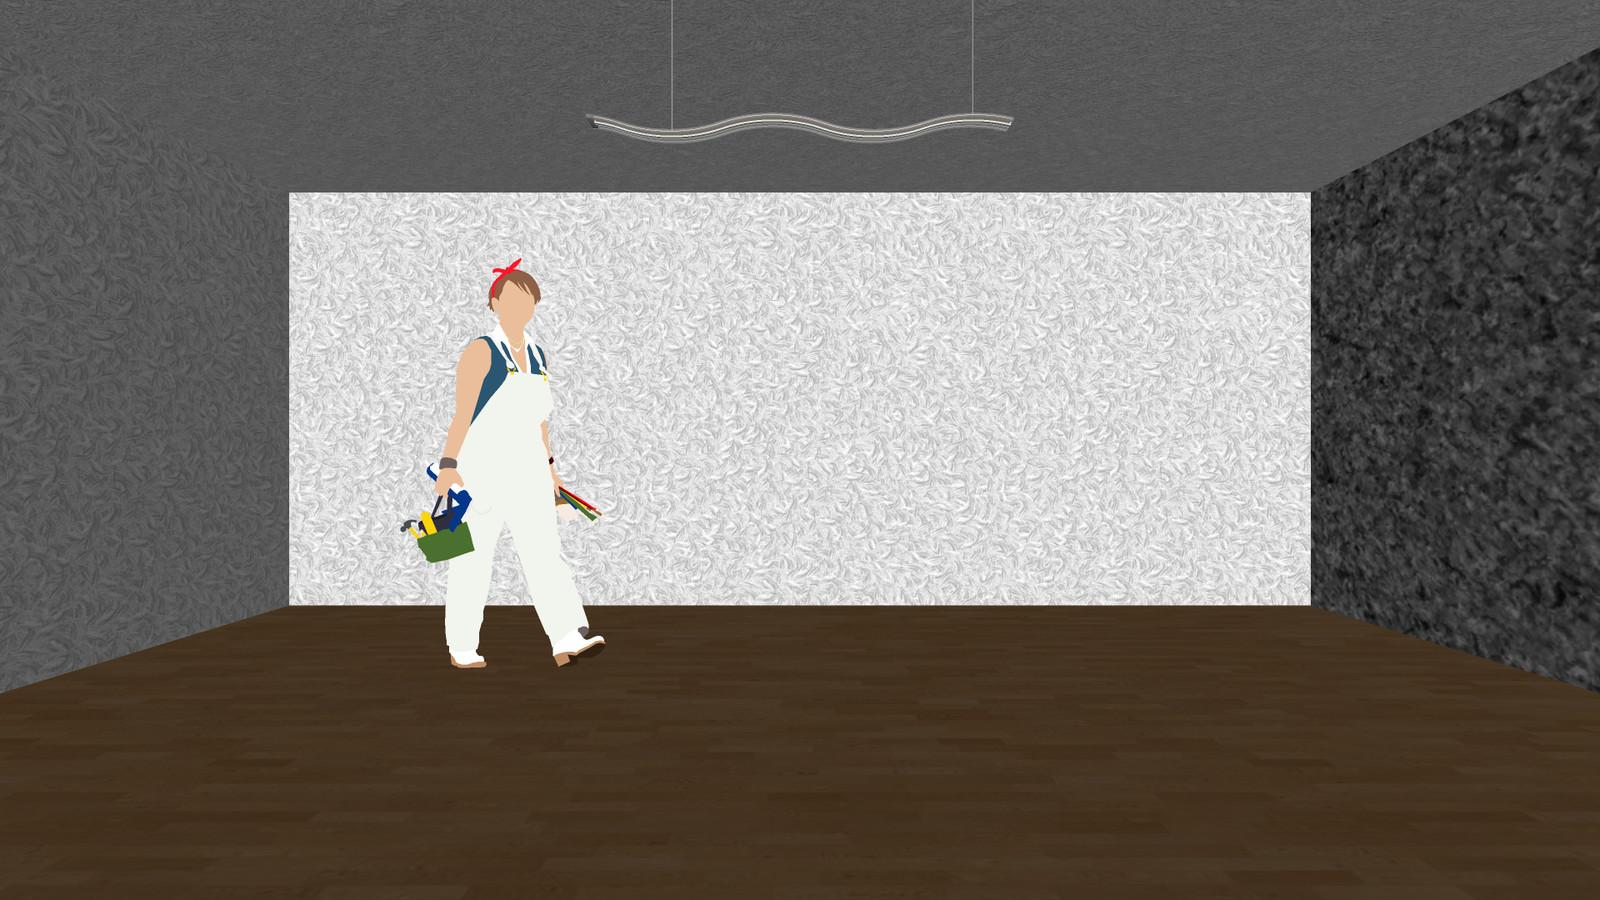 SketchUp Lamp: WOFI LOUVRE - Series 825 KP build Straight SketchUp scene for model file.  Facebook Album: https://www.facebook.com/259430530769198/photos/?tab=album&album_id=1060701470642096